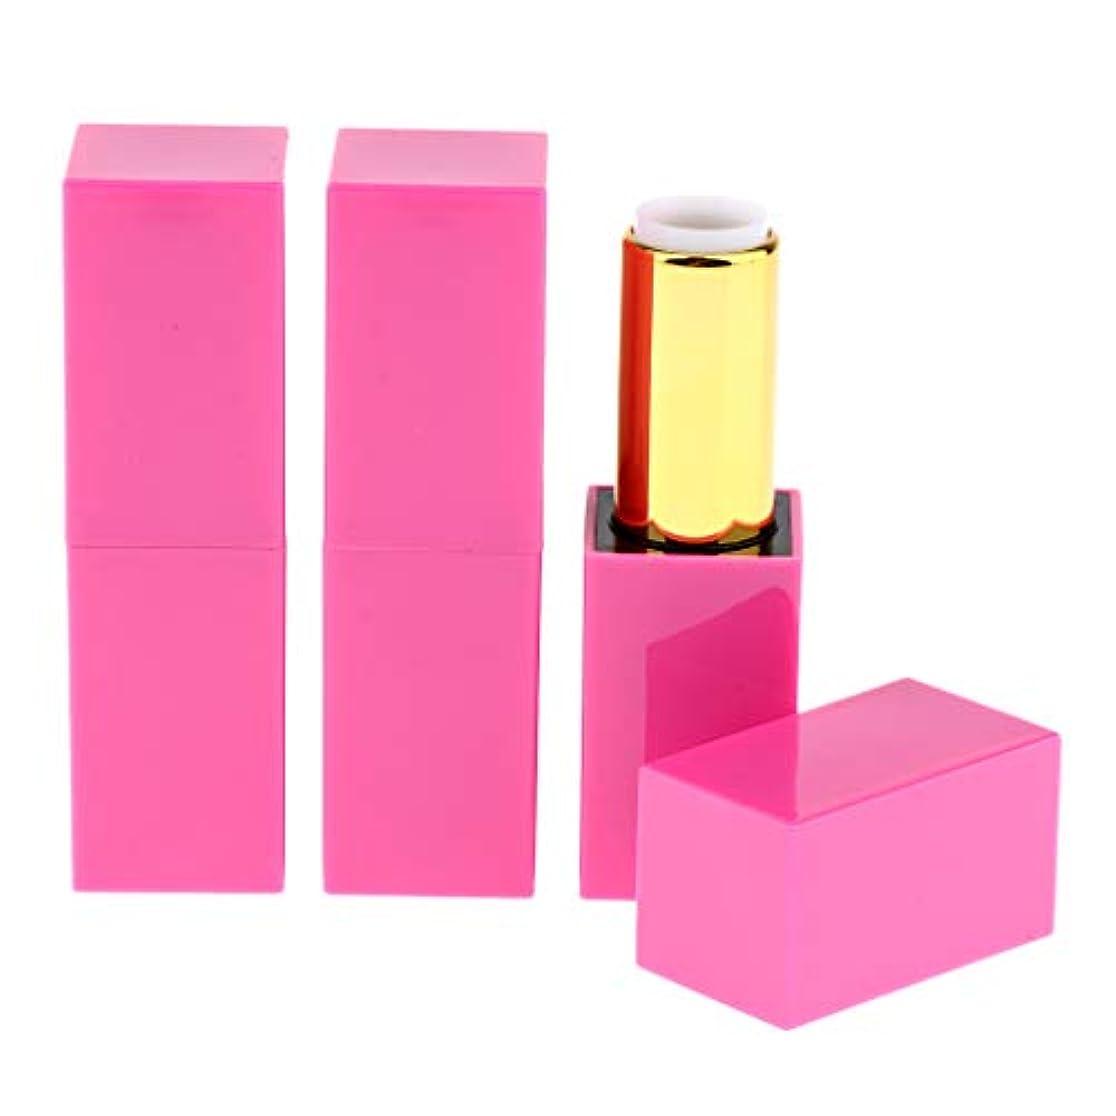 オーク招待容器3点入り 化粧チューブ 空の口紅チューブ リップグロスチューブ リップクリーム容器